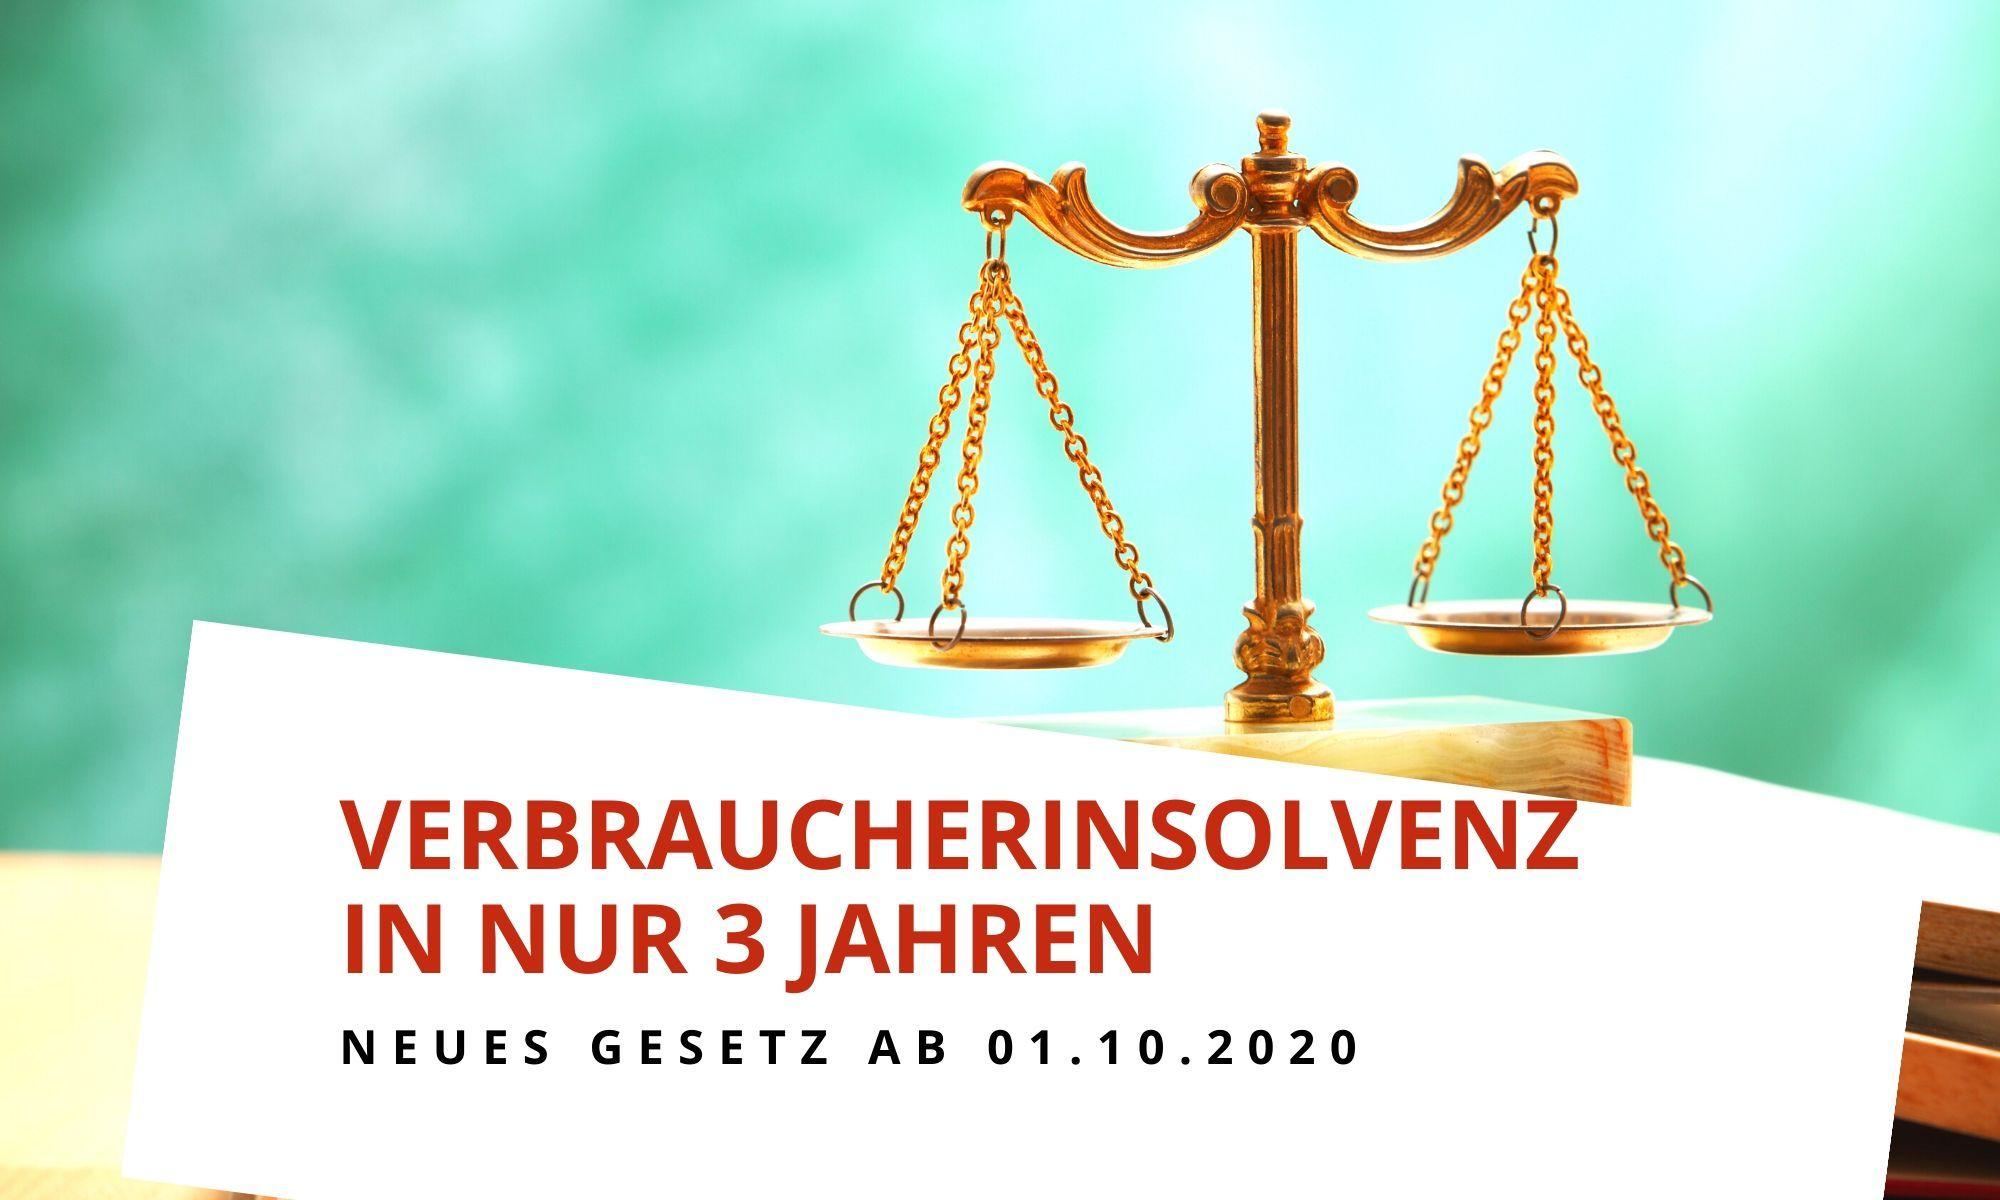 Gesetzesänderung: Verkürzung der Restschuldbefreiung auf 3 Jahre